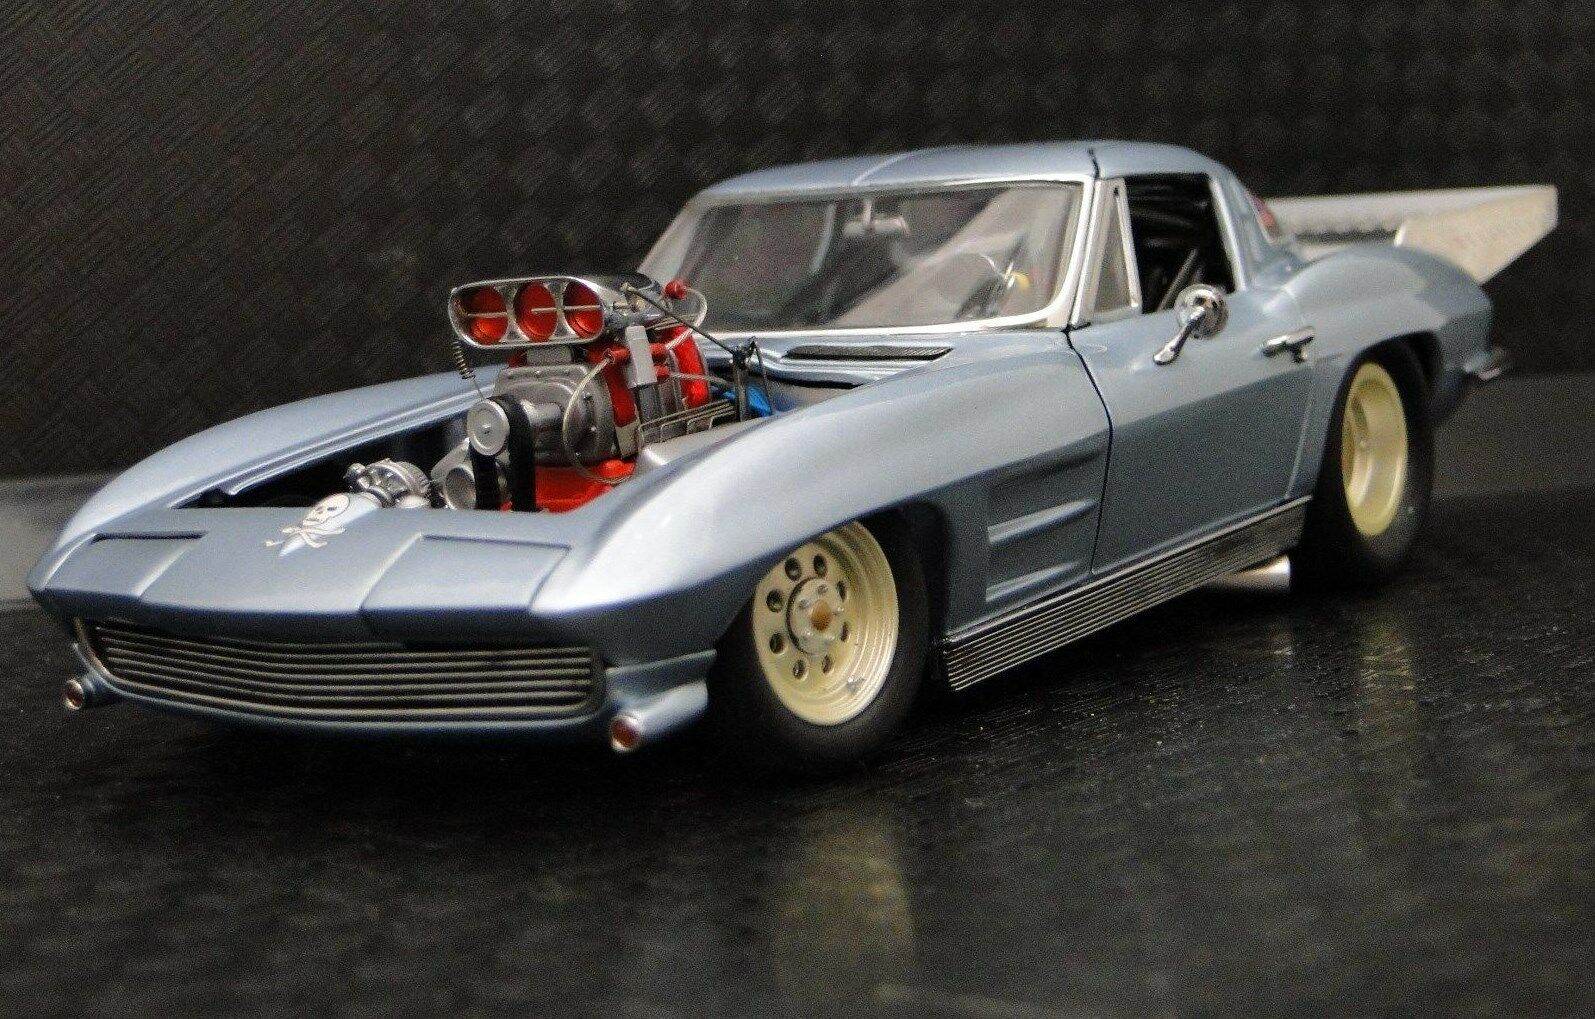 1963 1963 1963 Corvette Chevy Corvette construido Race Car arrastrar 24 Hot Rod 12 Vintage 1 Modelo 18  comprar ahora